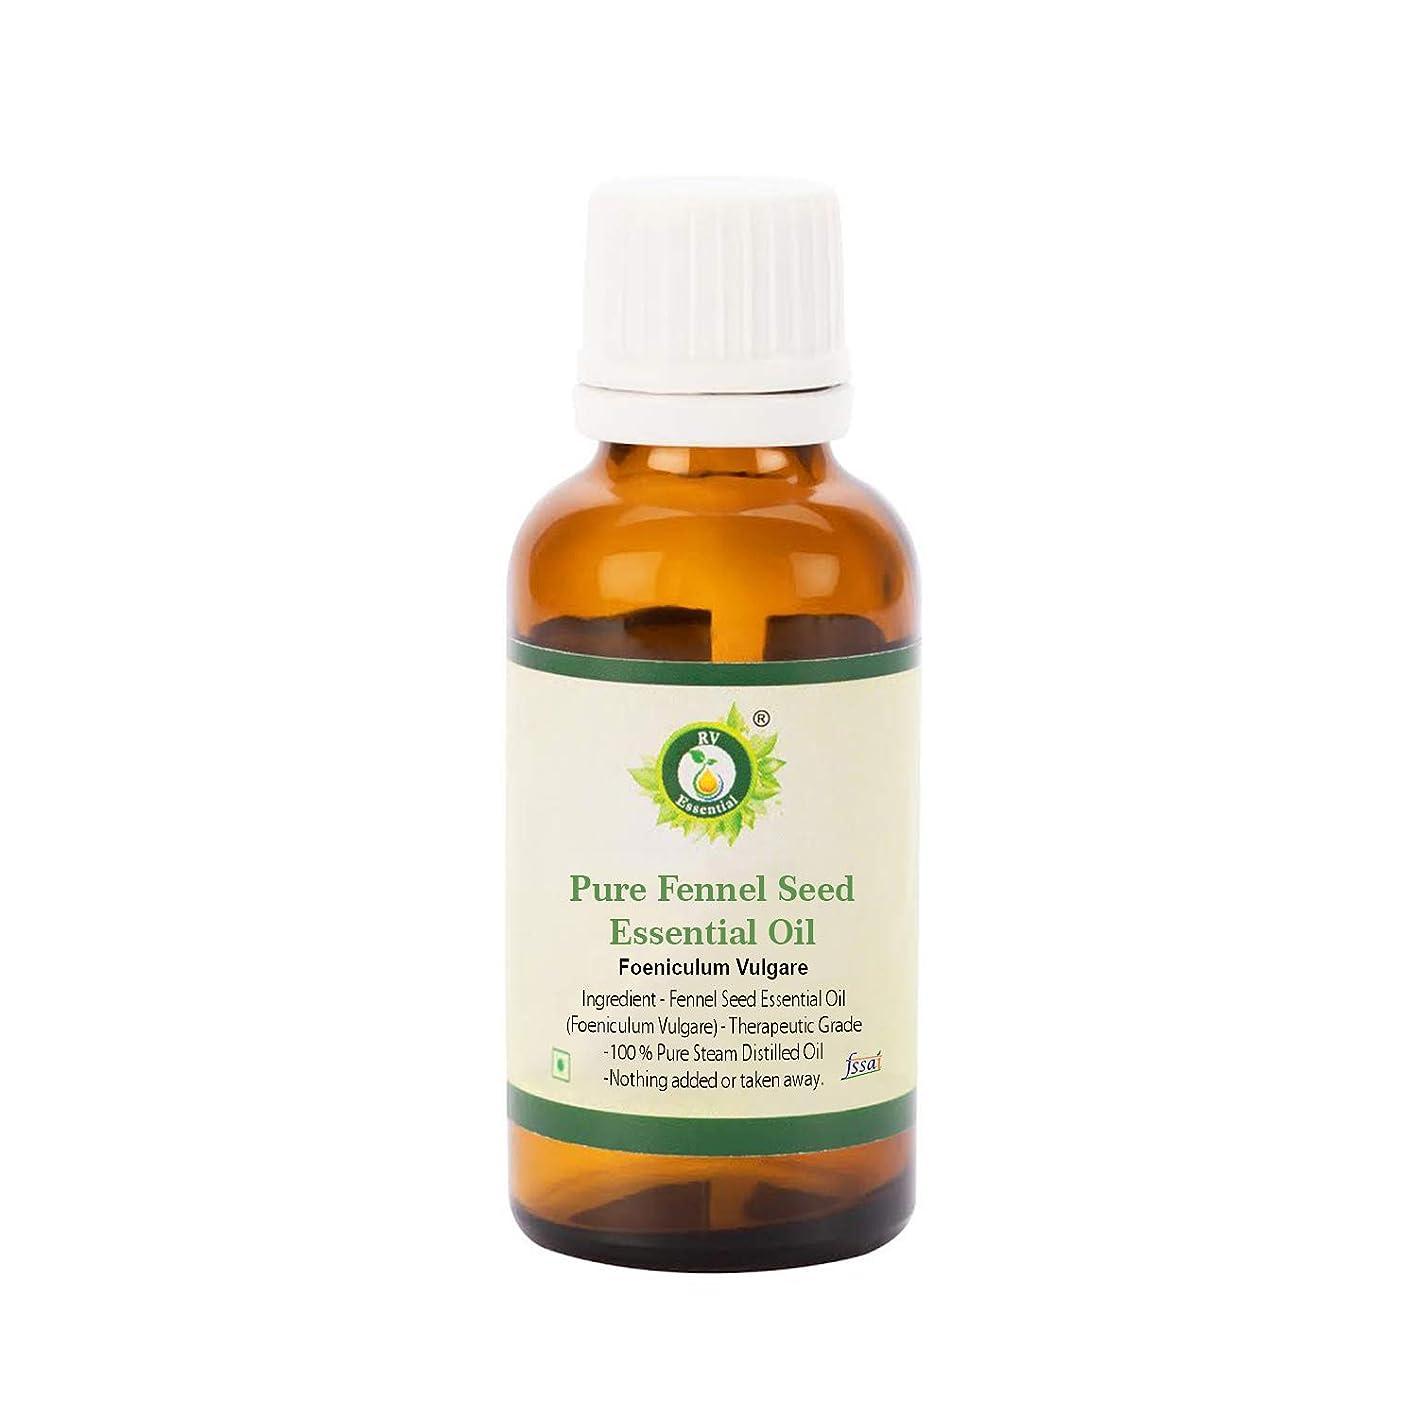 はっきりとバレーボール見通しR V Essential 純粋なフェンネルシードエッセンシャルオイル30ml (1.01oz)- Foeniculum Vulgare (100%純粋&天然スチームDistilled) Pure Fennel Seed Essential Oil